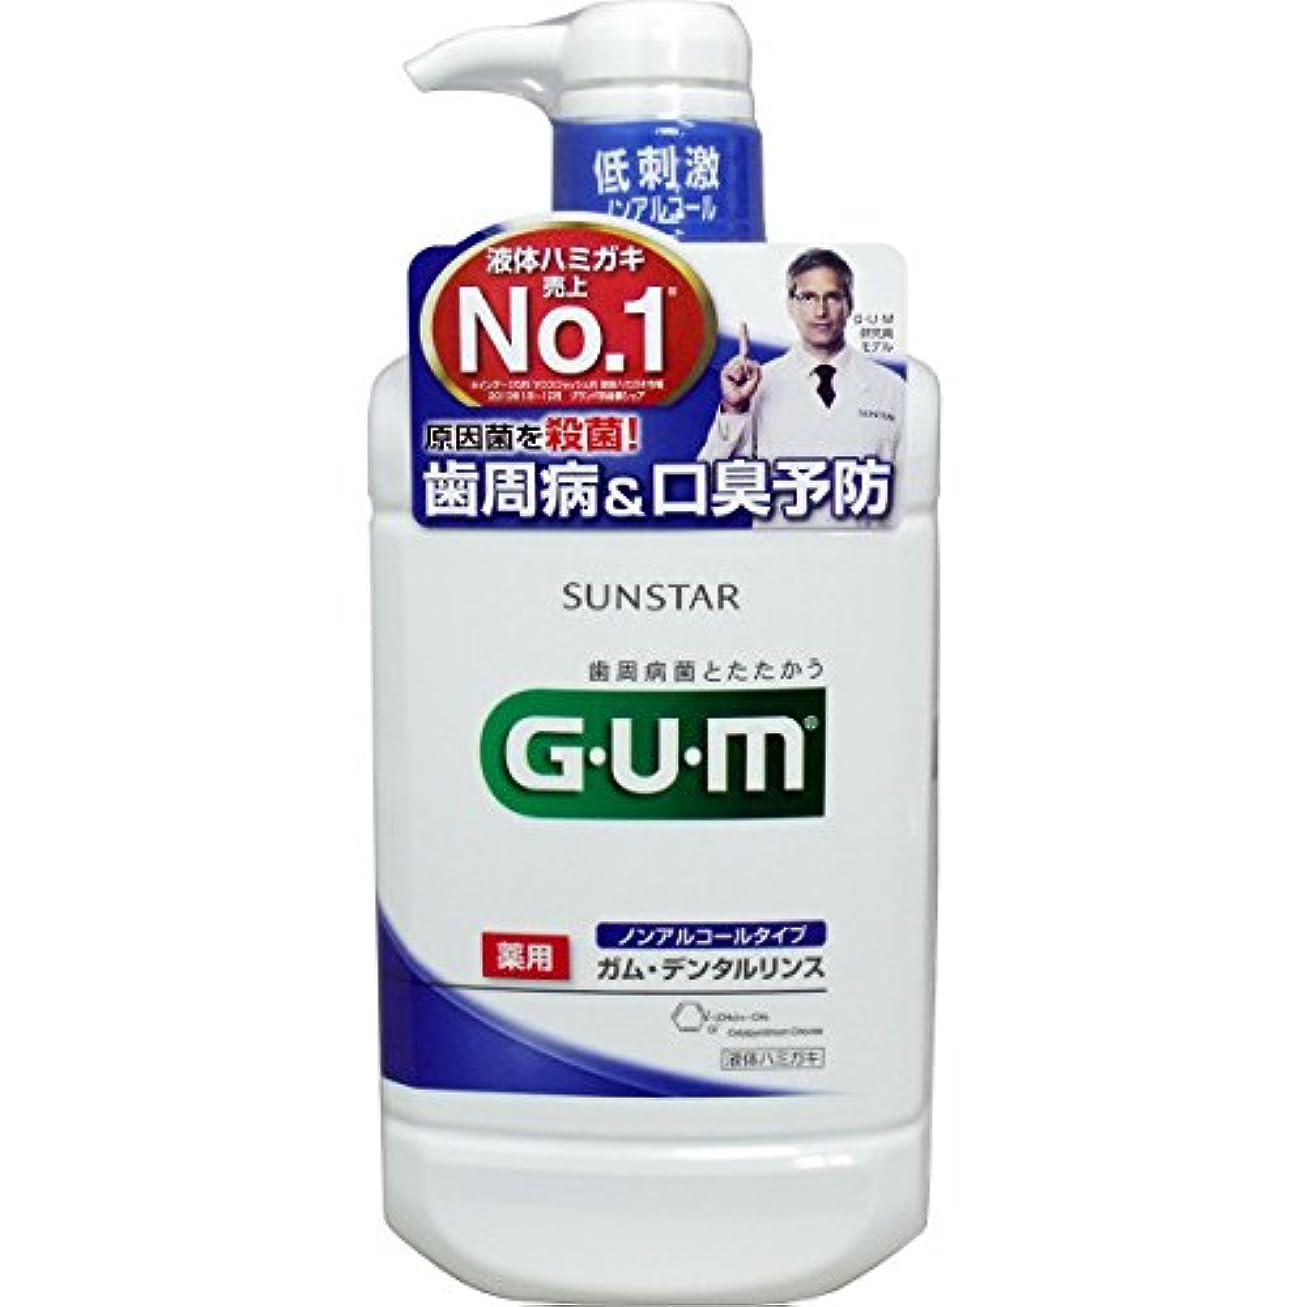 はさみ失礼吐く【まとめ買い】GUM(ガム)?デンタルリンス (ノンアルコールタイプ) 960mL (医薬部外品)×3個